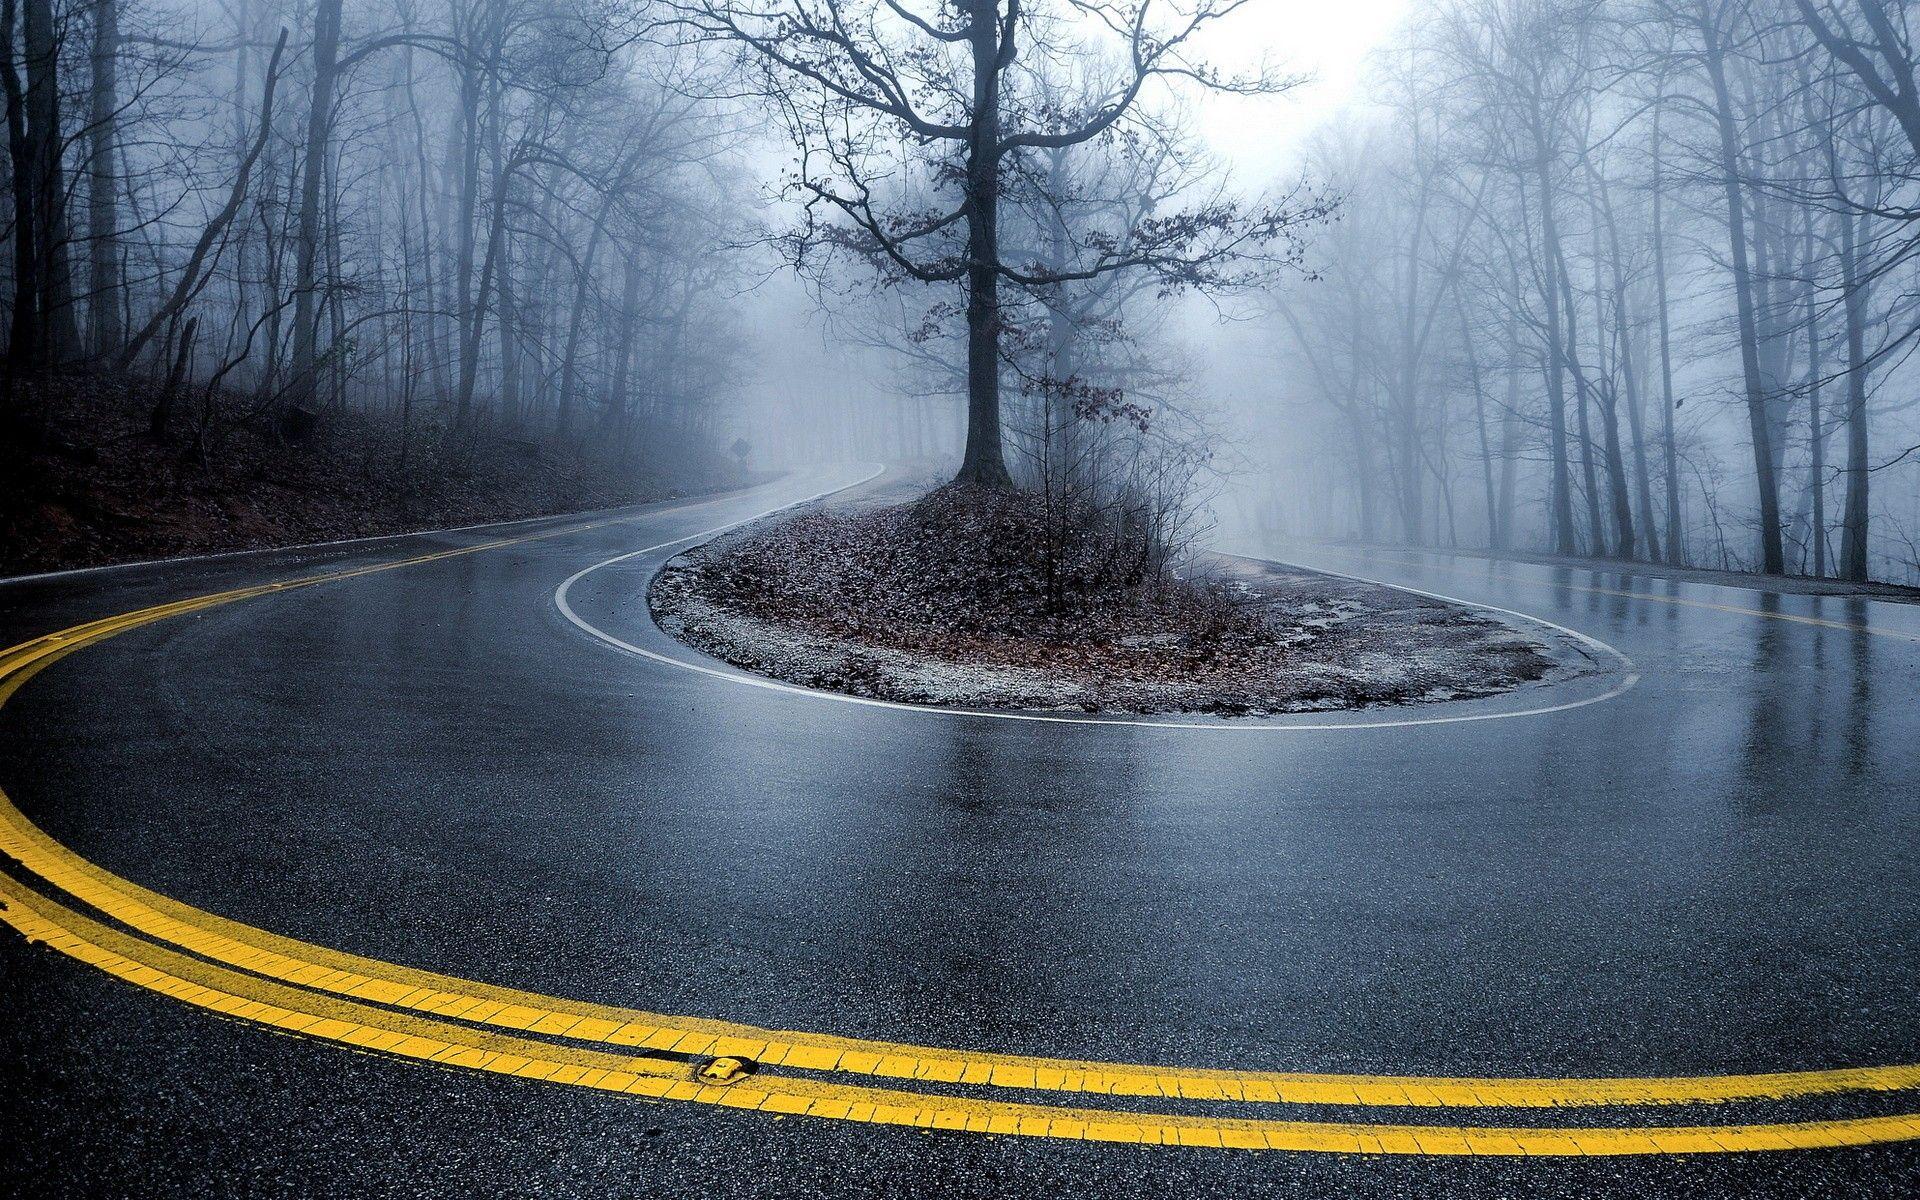 Mist Roads Roadside Turn Wallpaper 2604024 Wallbase Cc Forest Wallpaper Hd Wallpaper Foggy